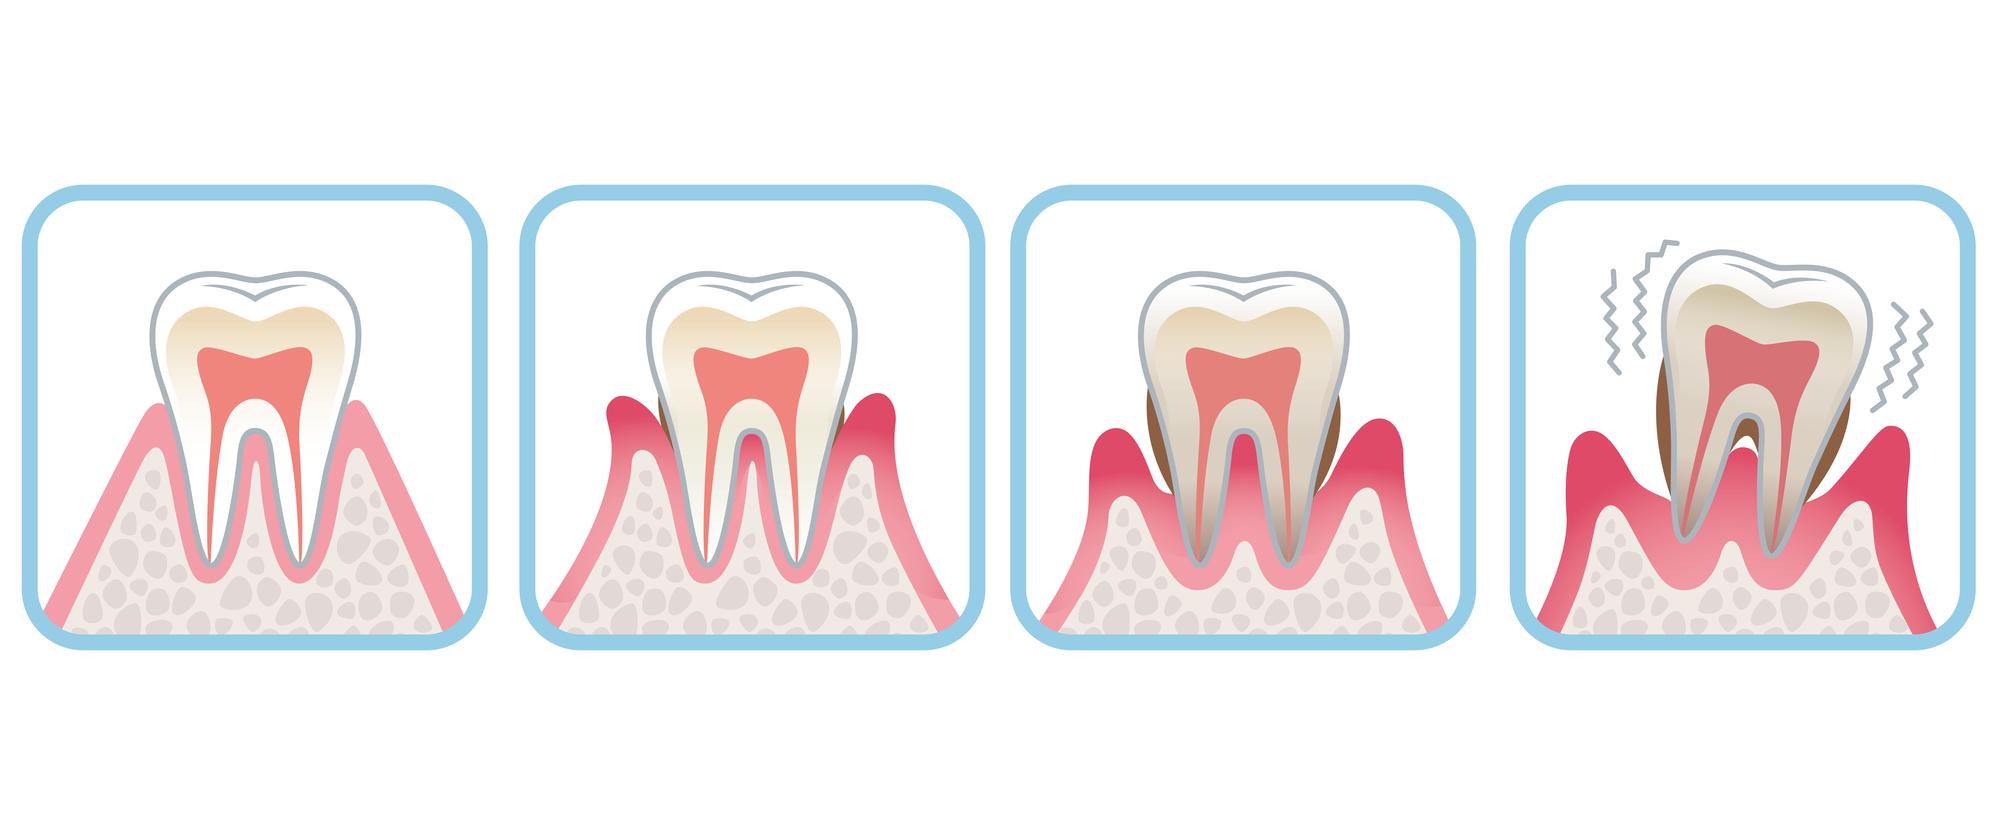 歯周病のステージイラスト